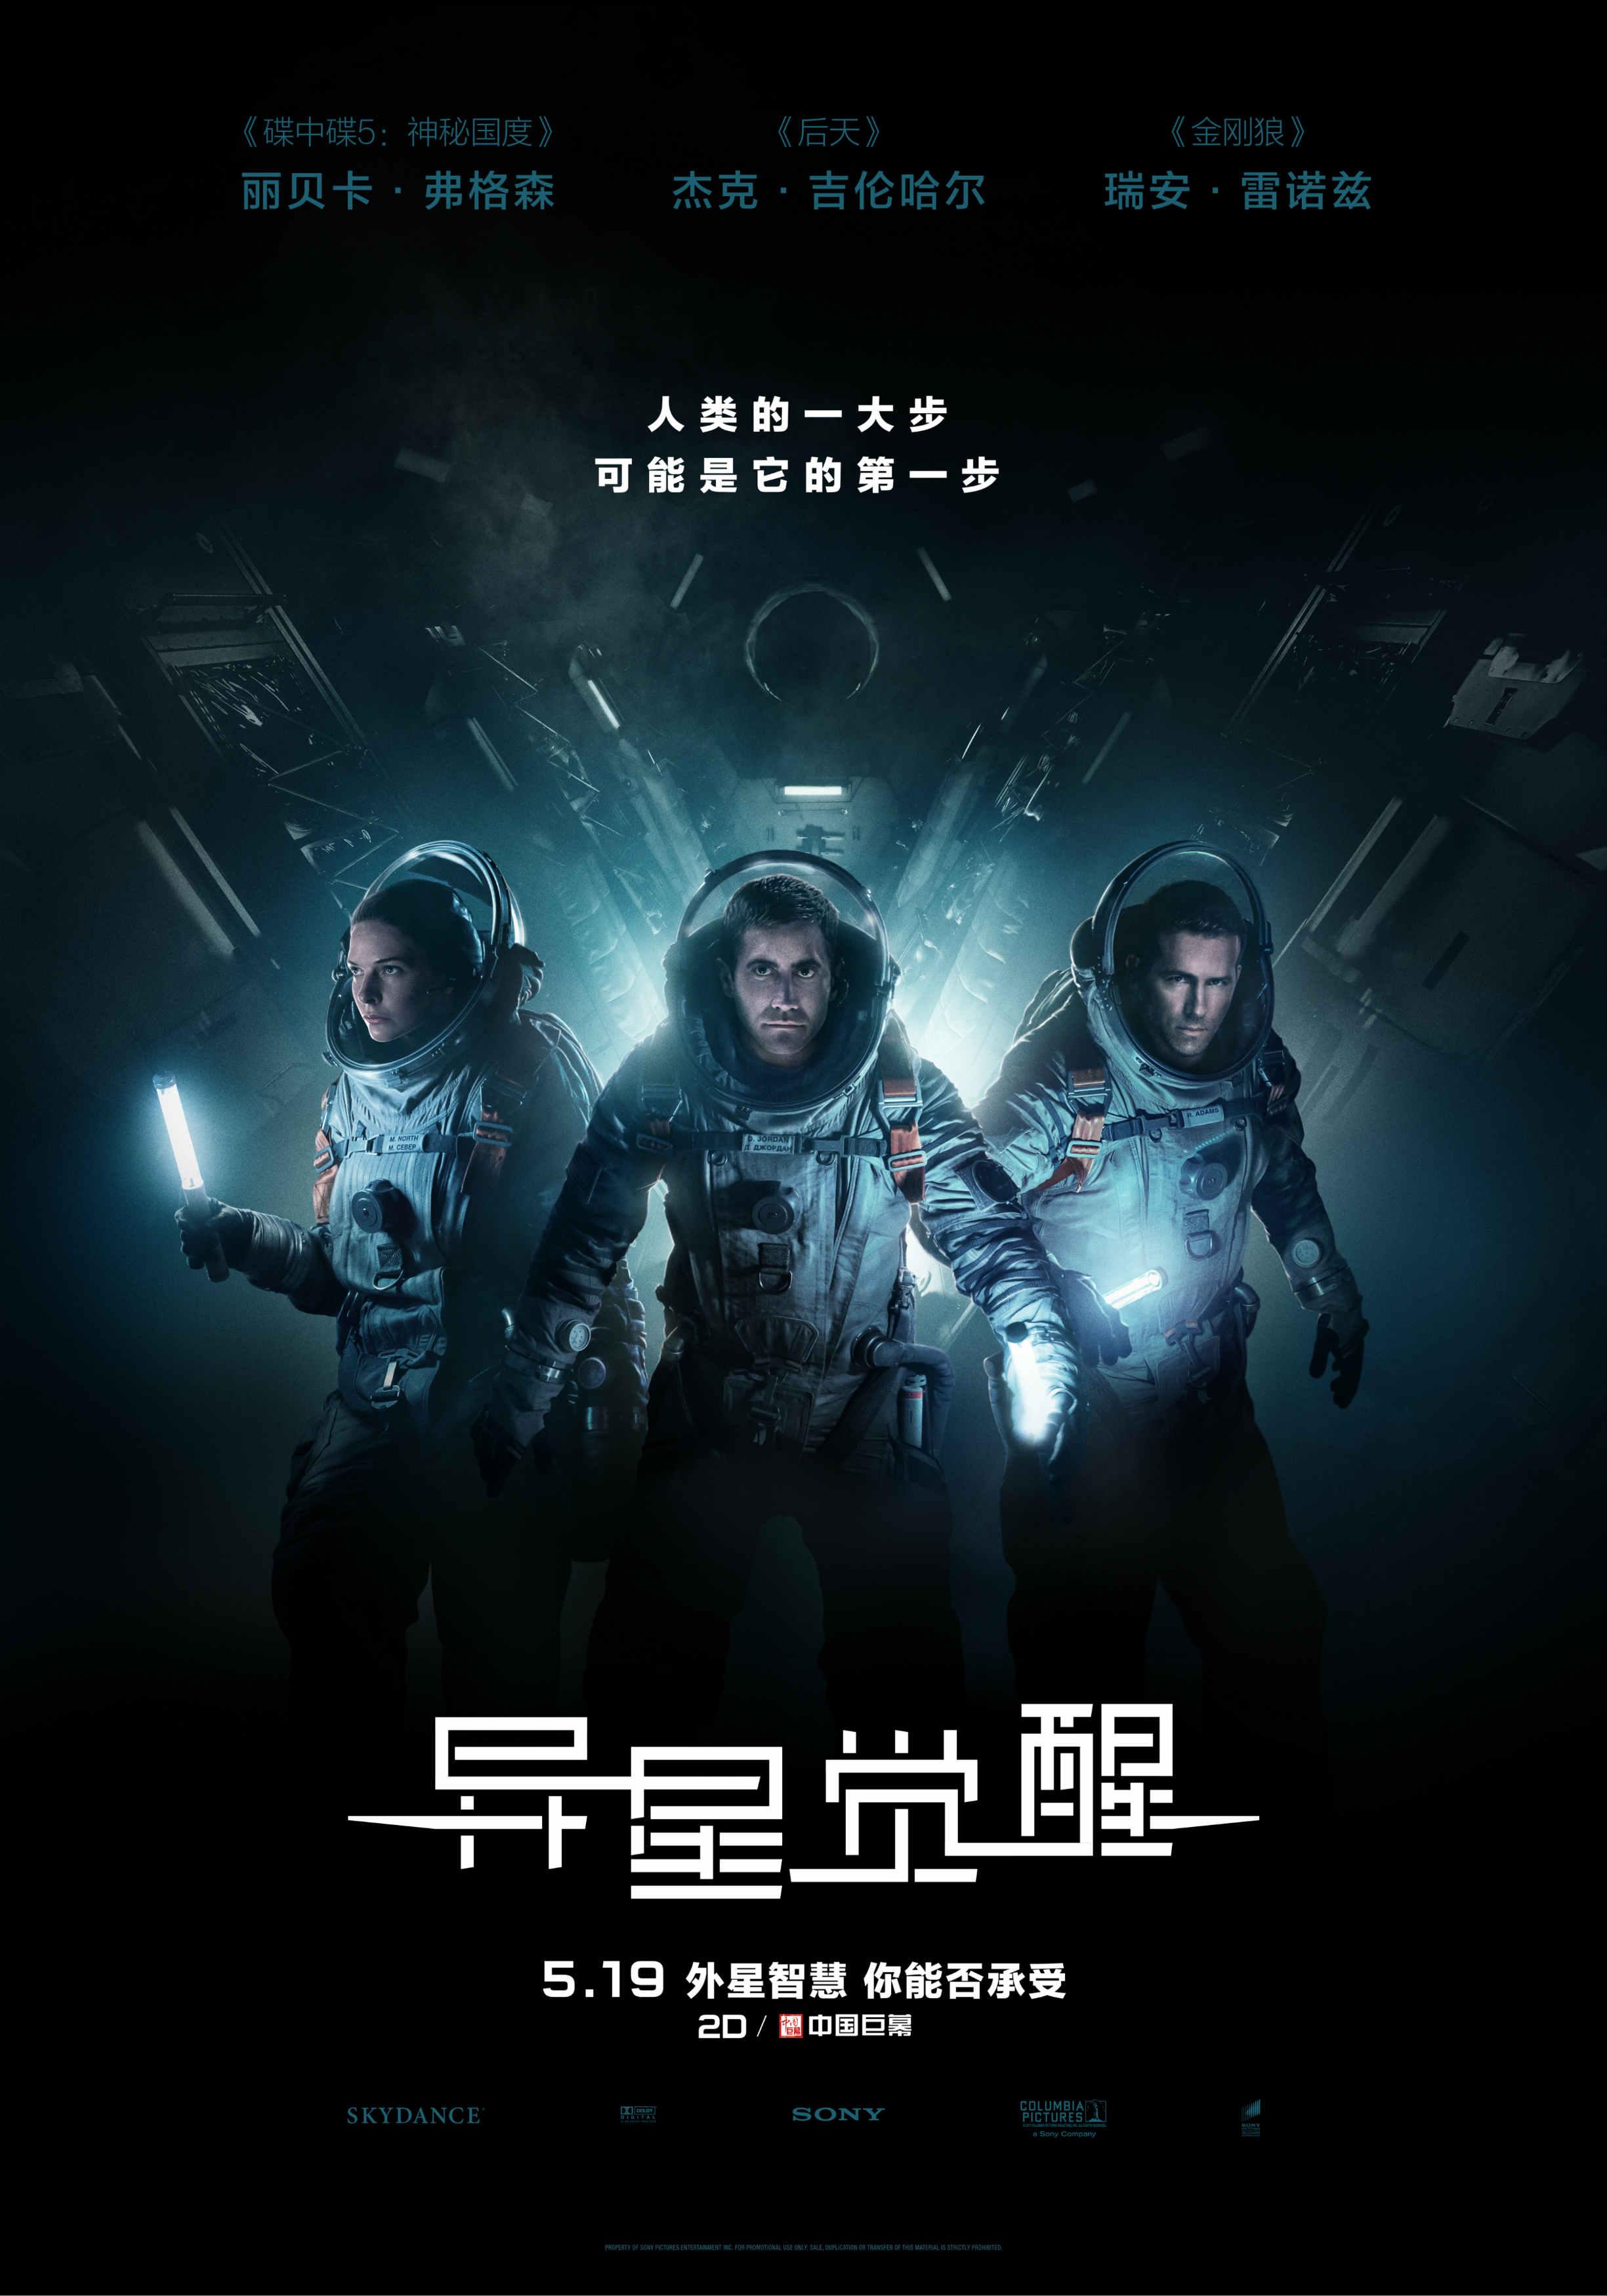 惊悚太空灾难巨制《异星觉醒》定档5月19日